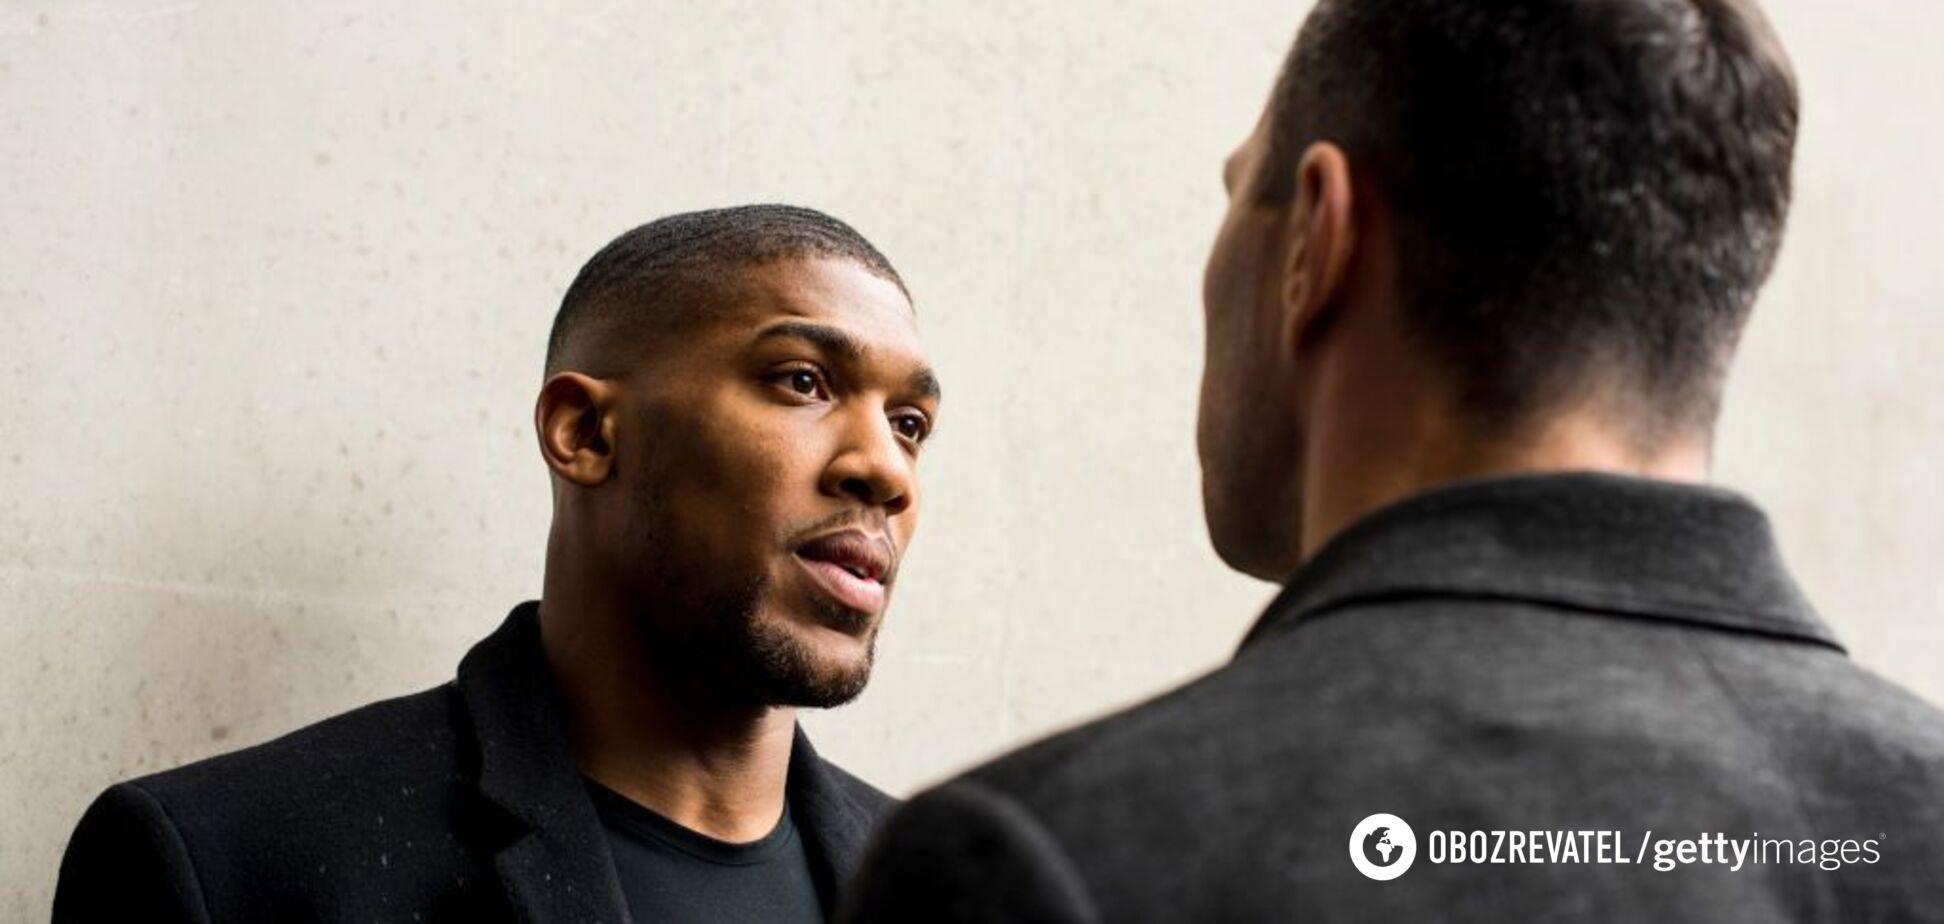 'Выносят на носилках': Джошуа сделал признание про 'зверя Кличко'